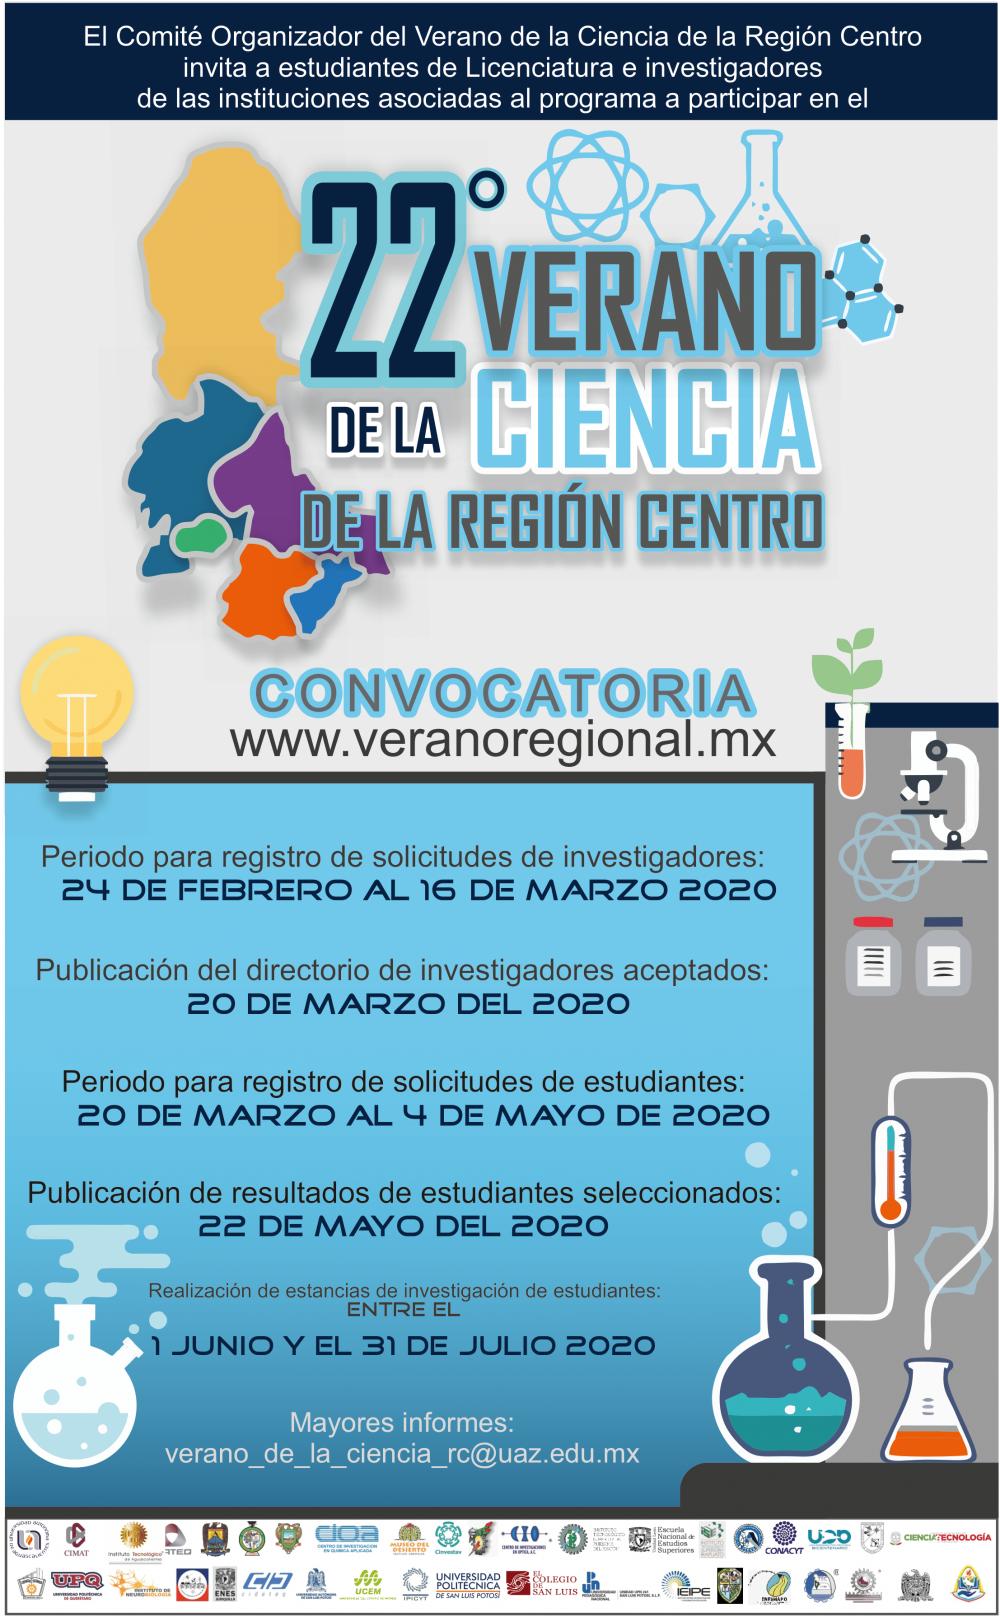 Convocatoria del 22° Verano de la Ciencia de la Región Centro